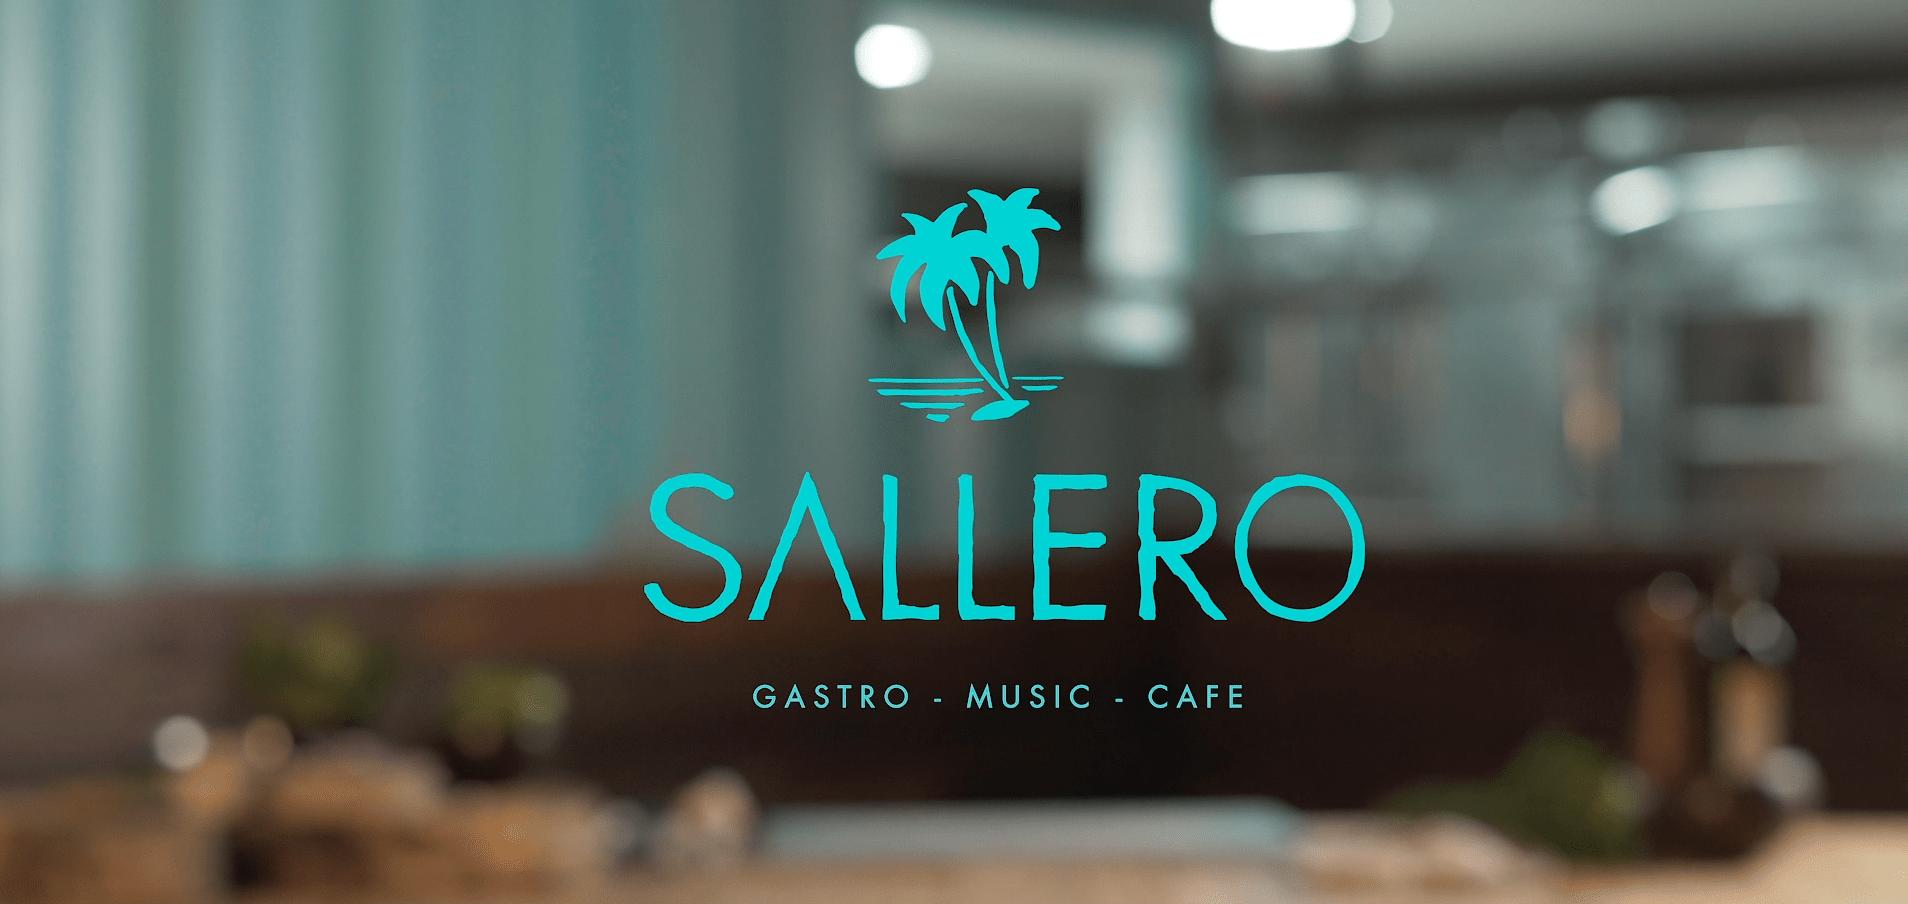 Comercial Video para Gastro Music Bar Sallero